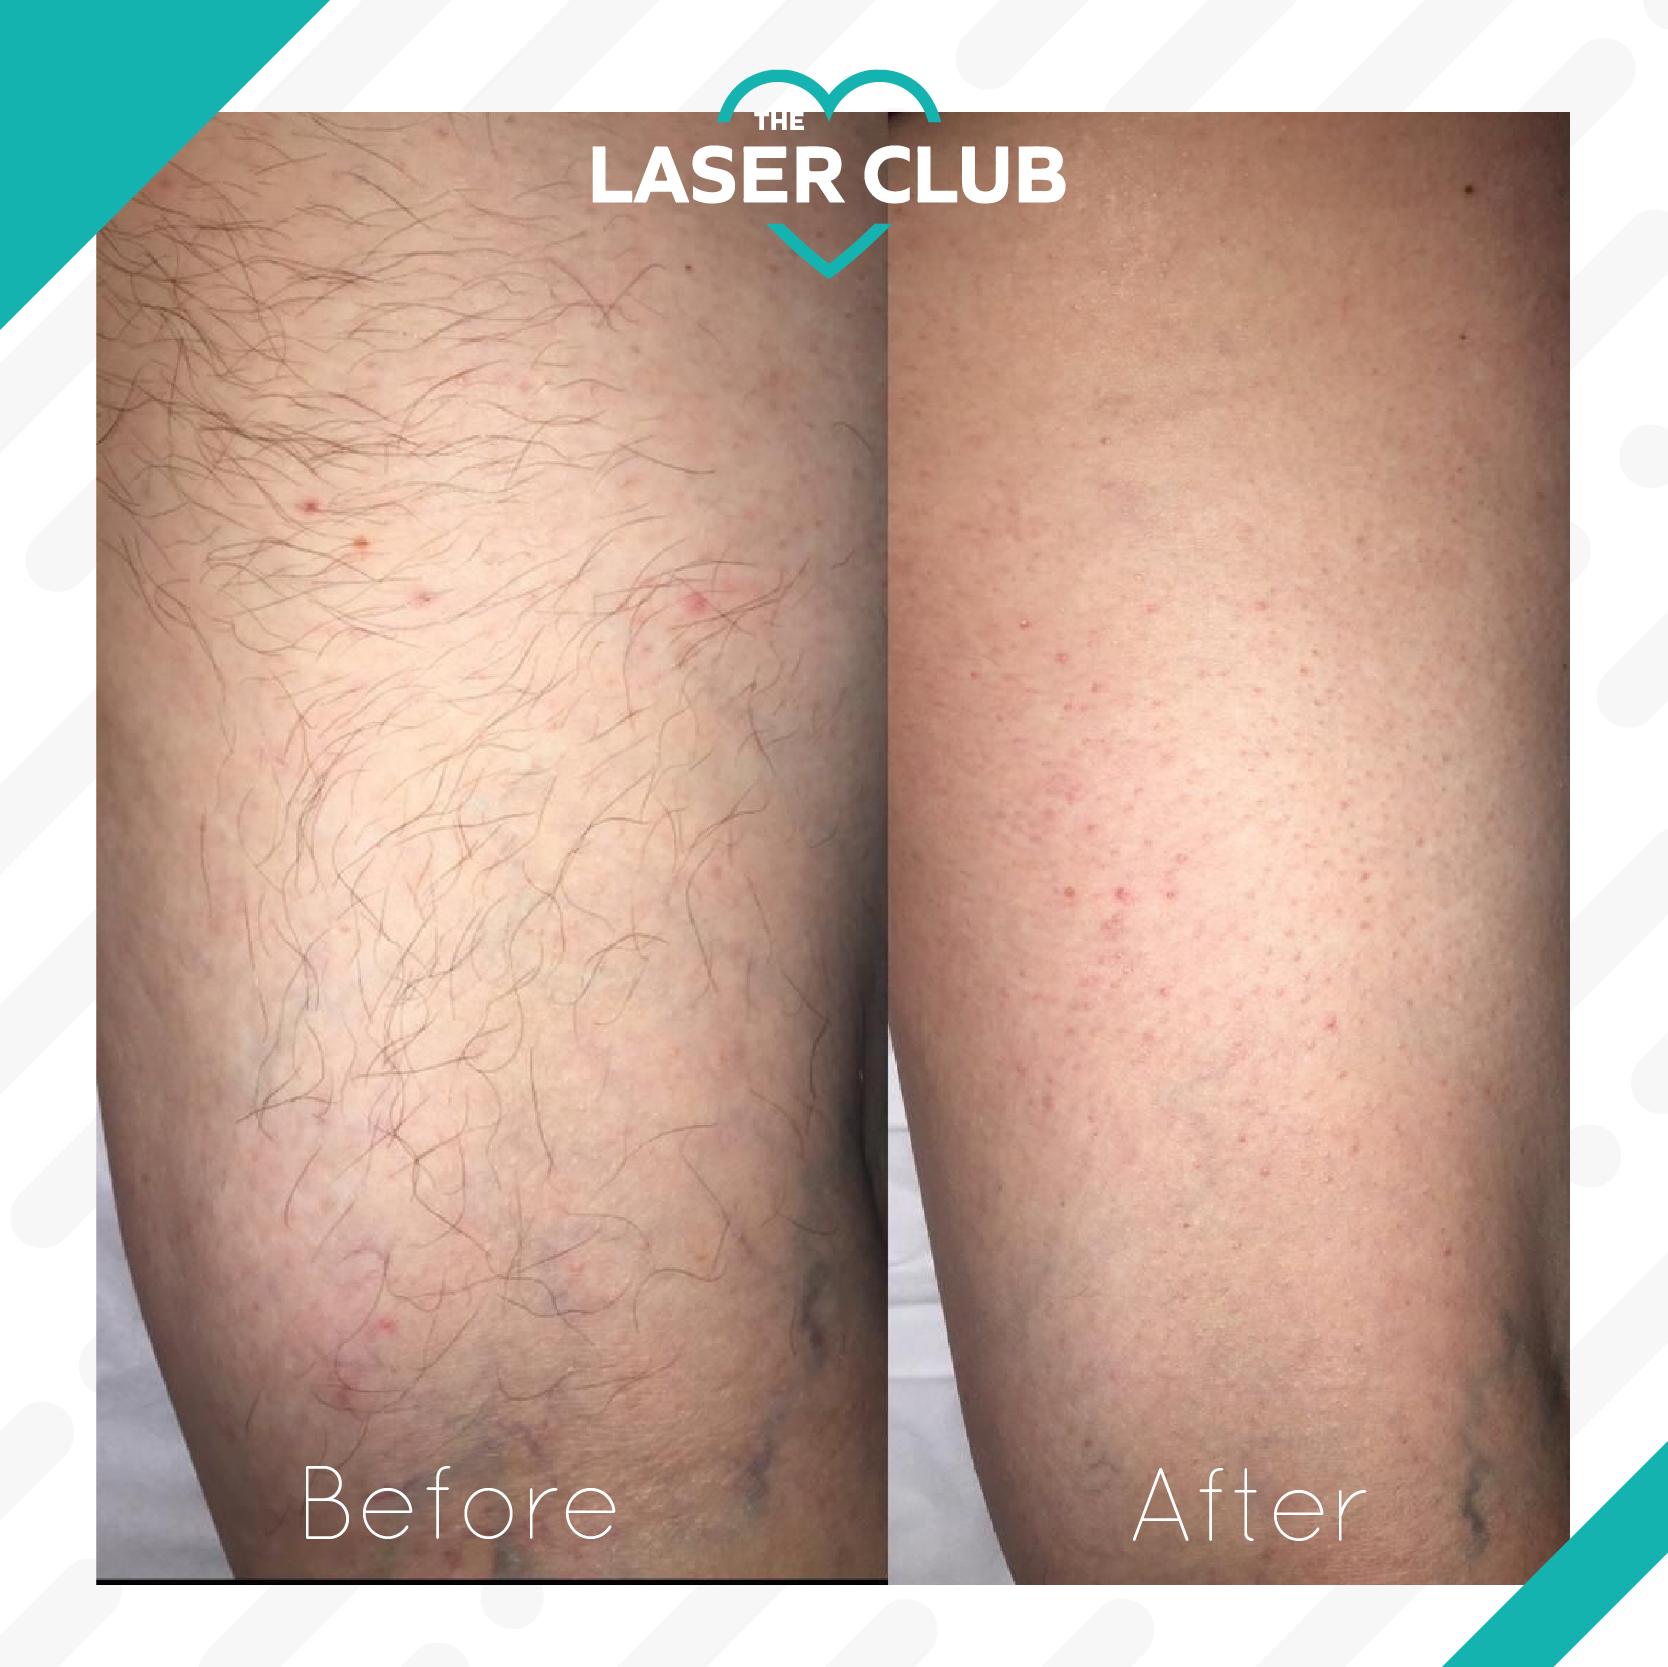 Laser Club feed13-10